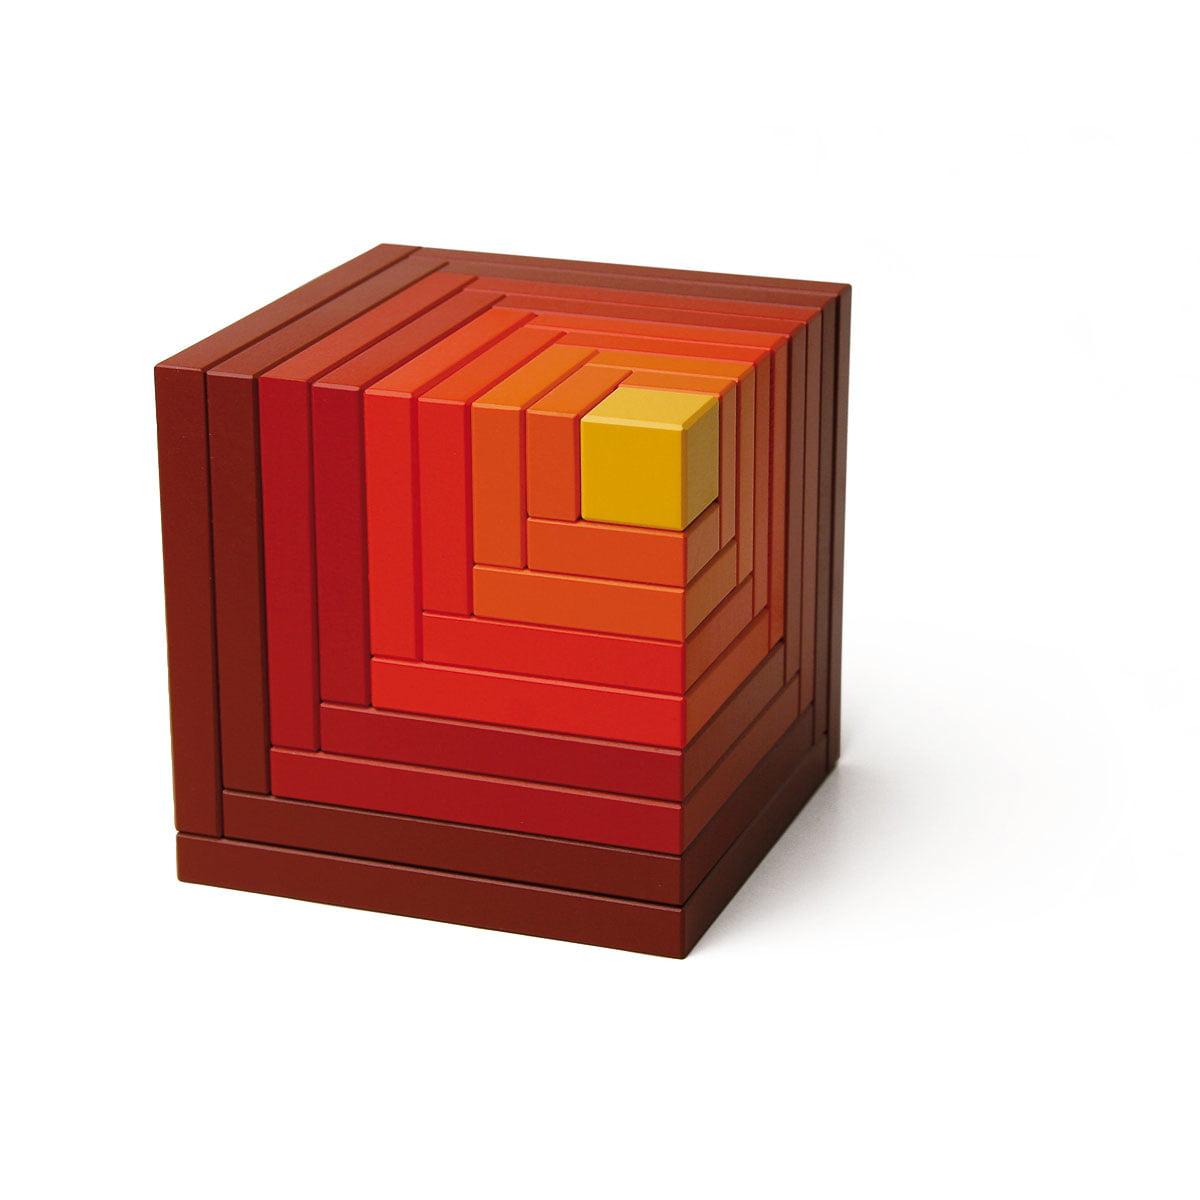 Naef Spiele - Cella Holzspielzeug, rot   Kinderzimmer > Spielzeuge > Holzspielzeuge   Rot   Holz   Naef Spiele